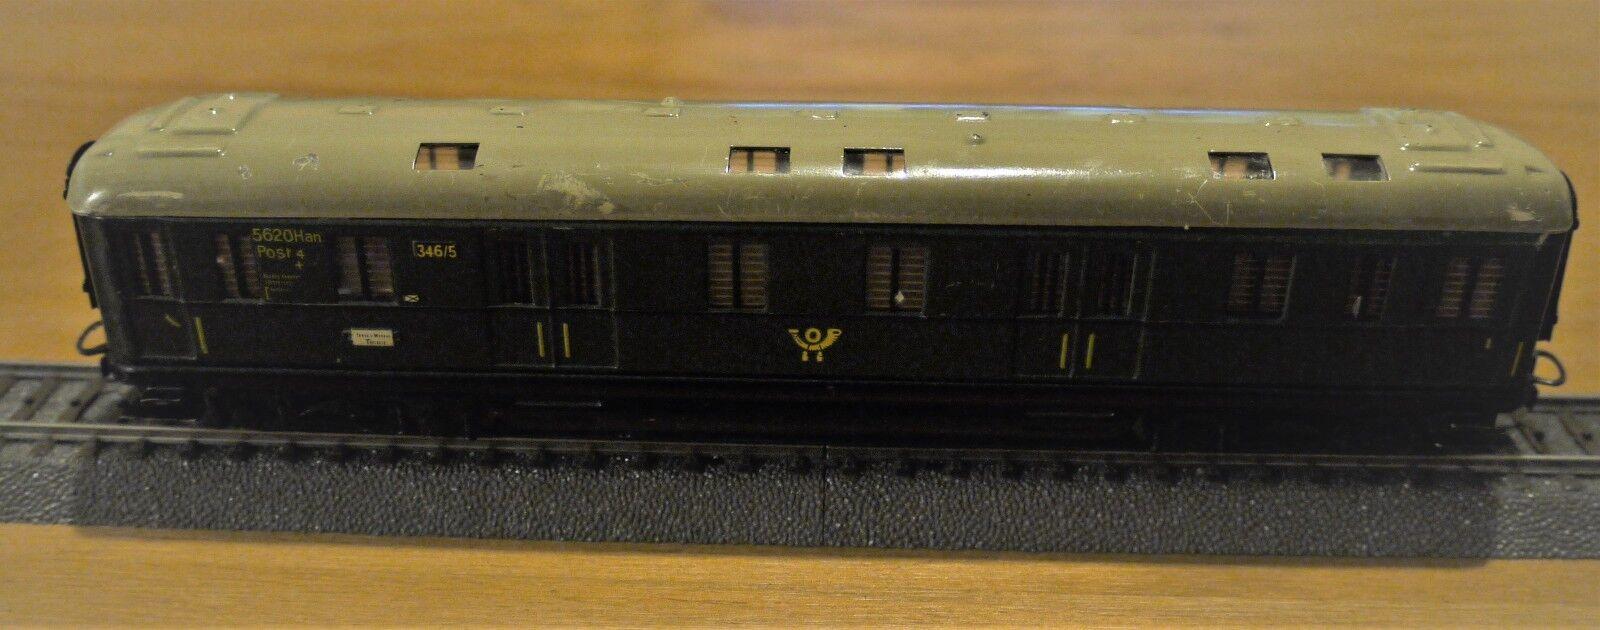 Marklin 800 4013 D-Zug-Postwagen 346 5